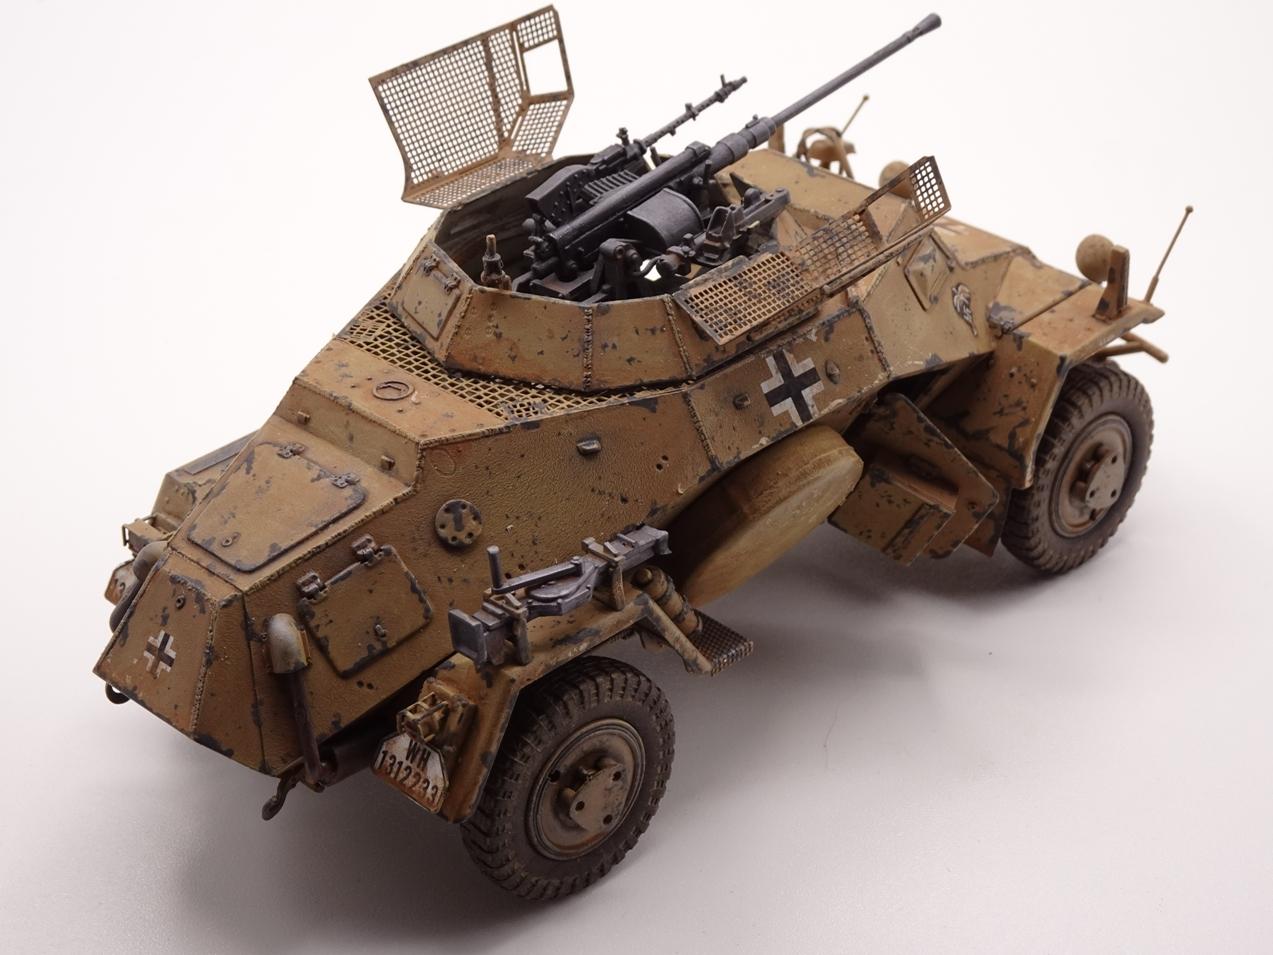 [Hobby Boss 1/35°] Sd.Kfz. 222 Leichter Panzerspähwagen - Page 3 222-fin-5